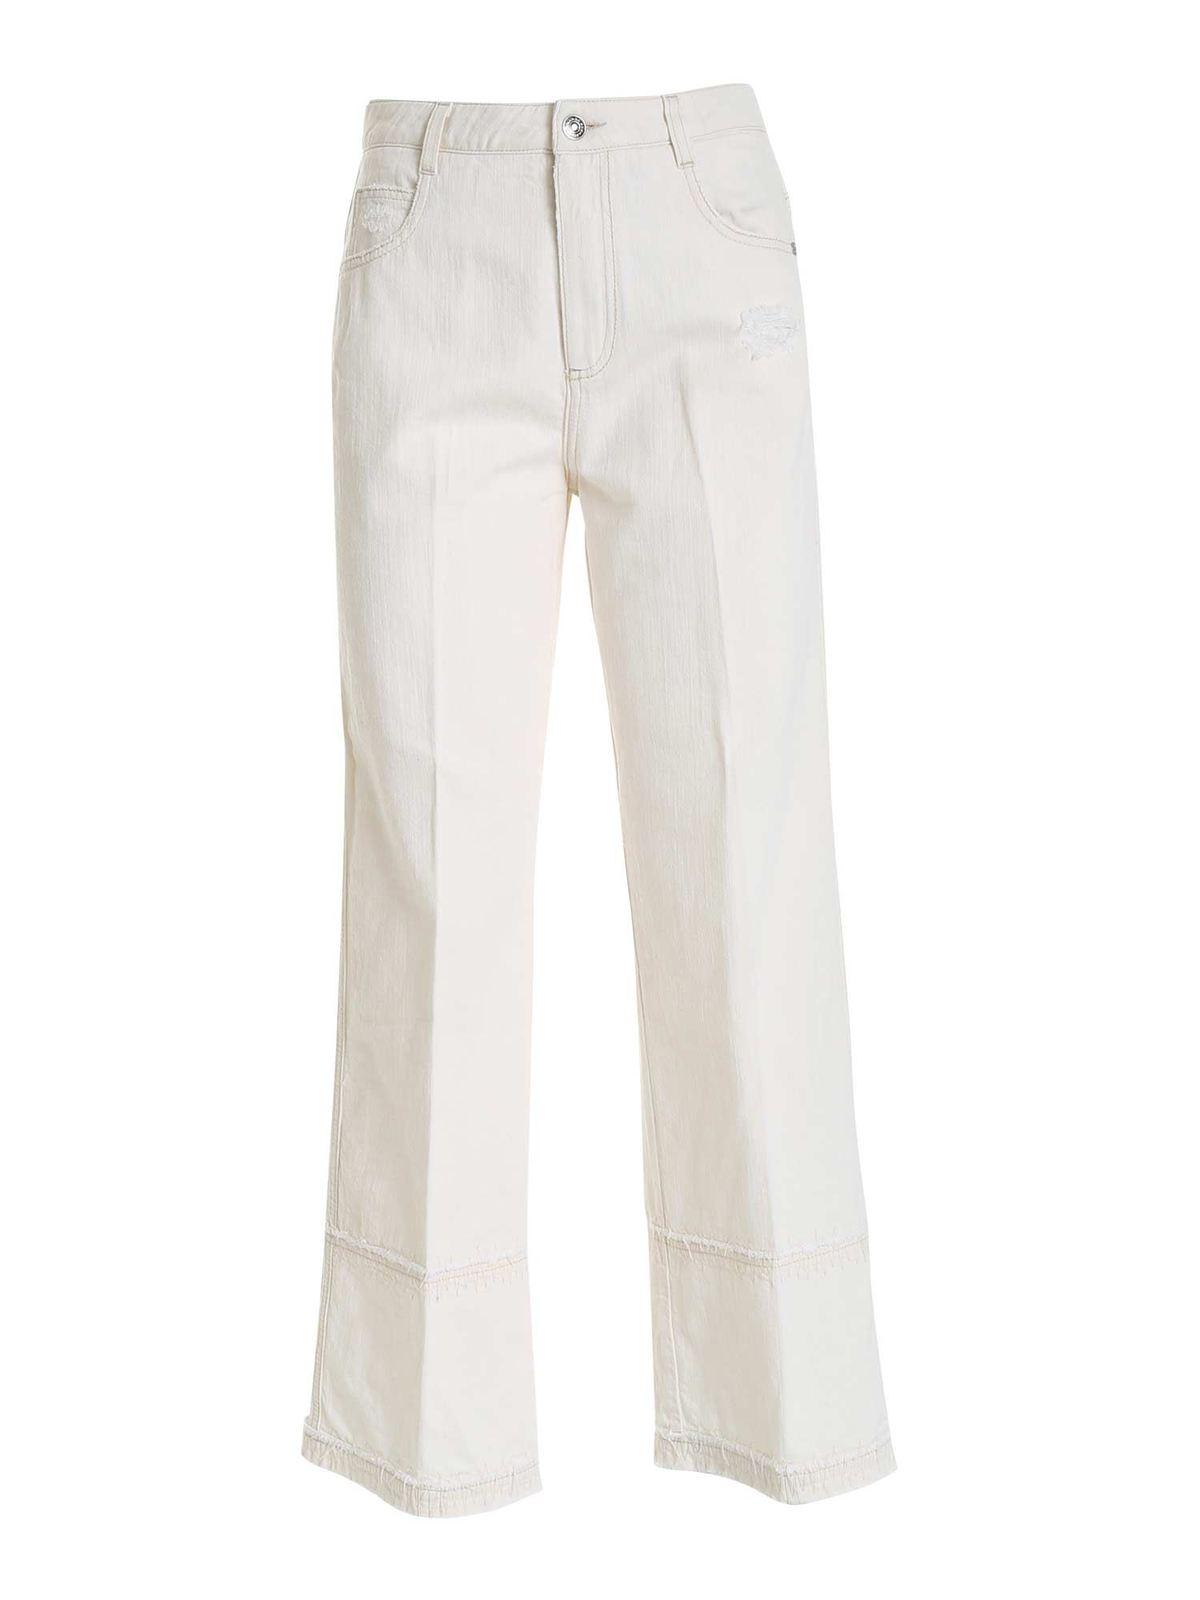 Ermanno Scervino Wide Leg Jeans In Cream Color